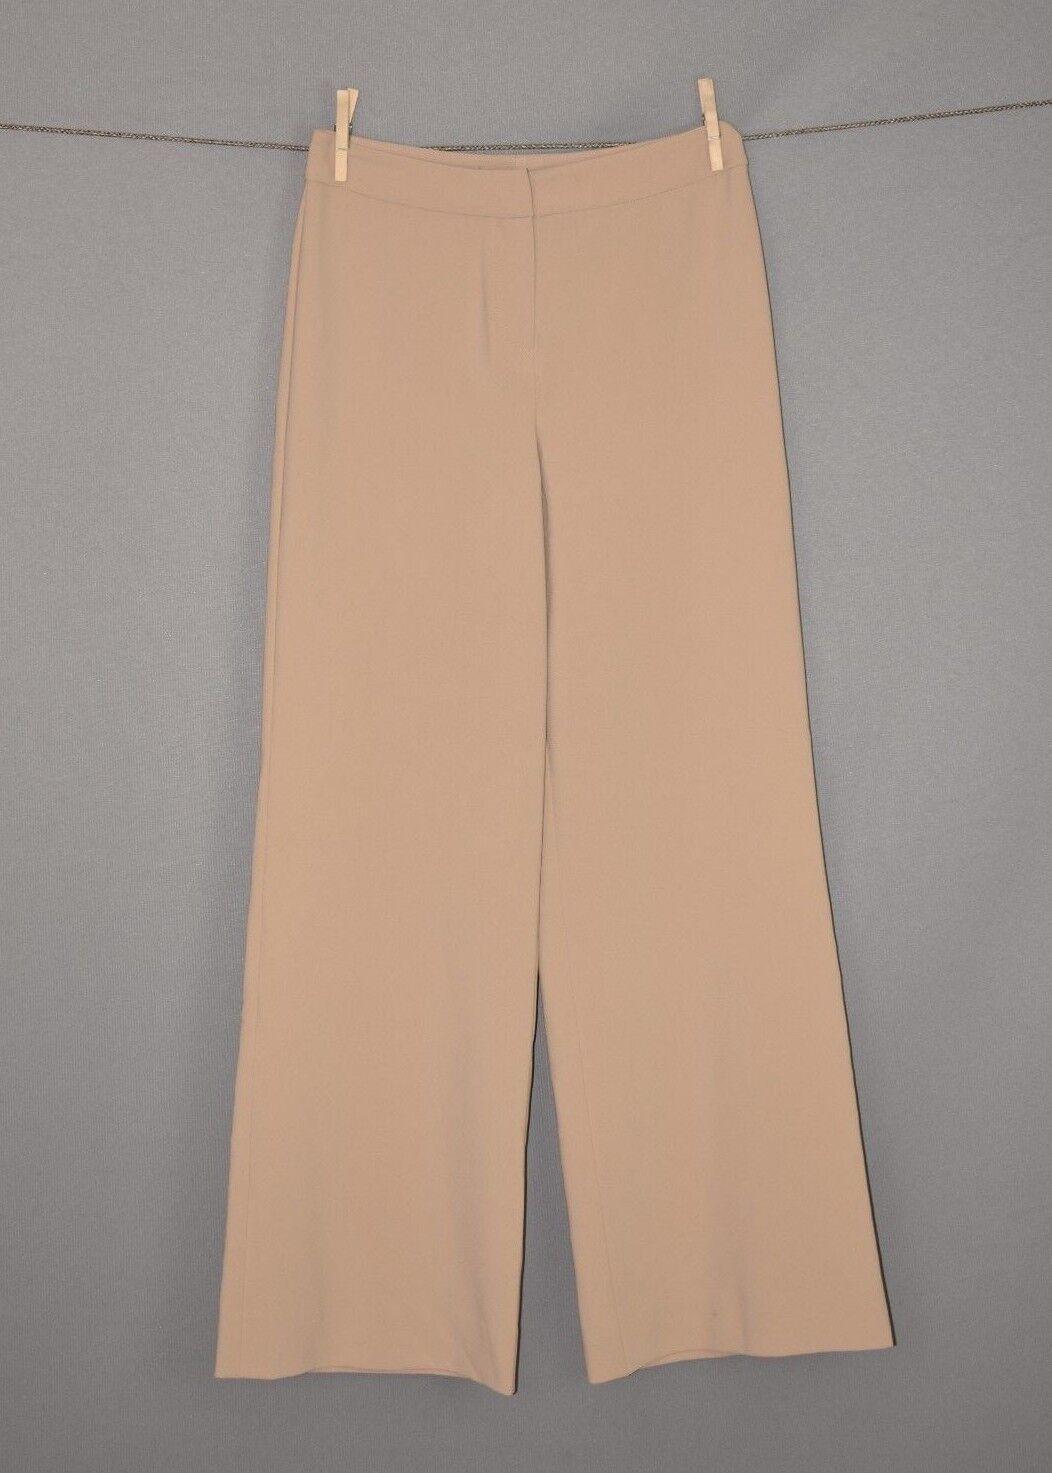 ST. JOHN NEW  Tan Diana Wide Leg Trouser Pants Size 2